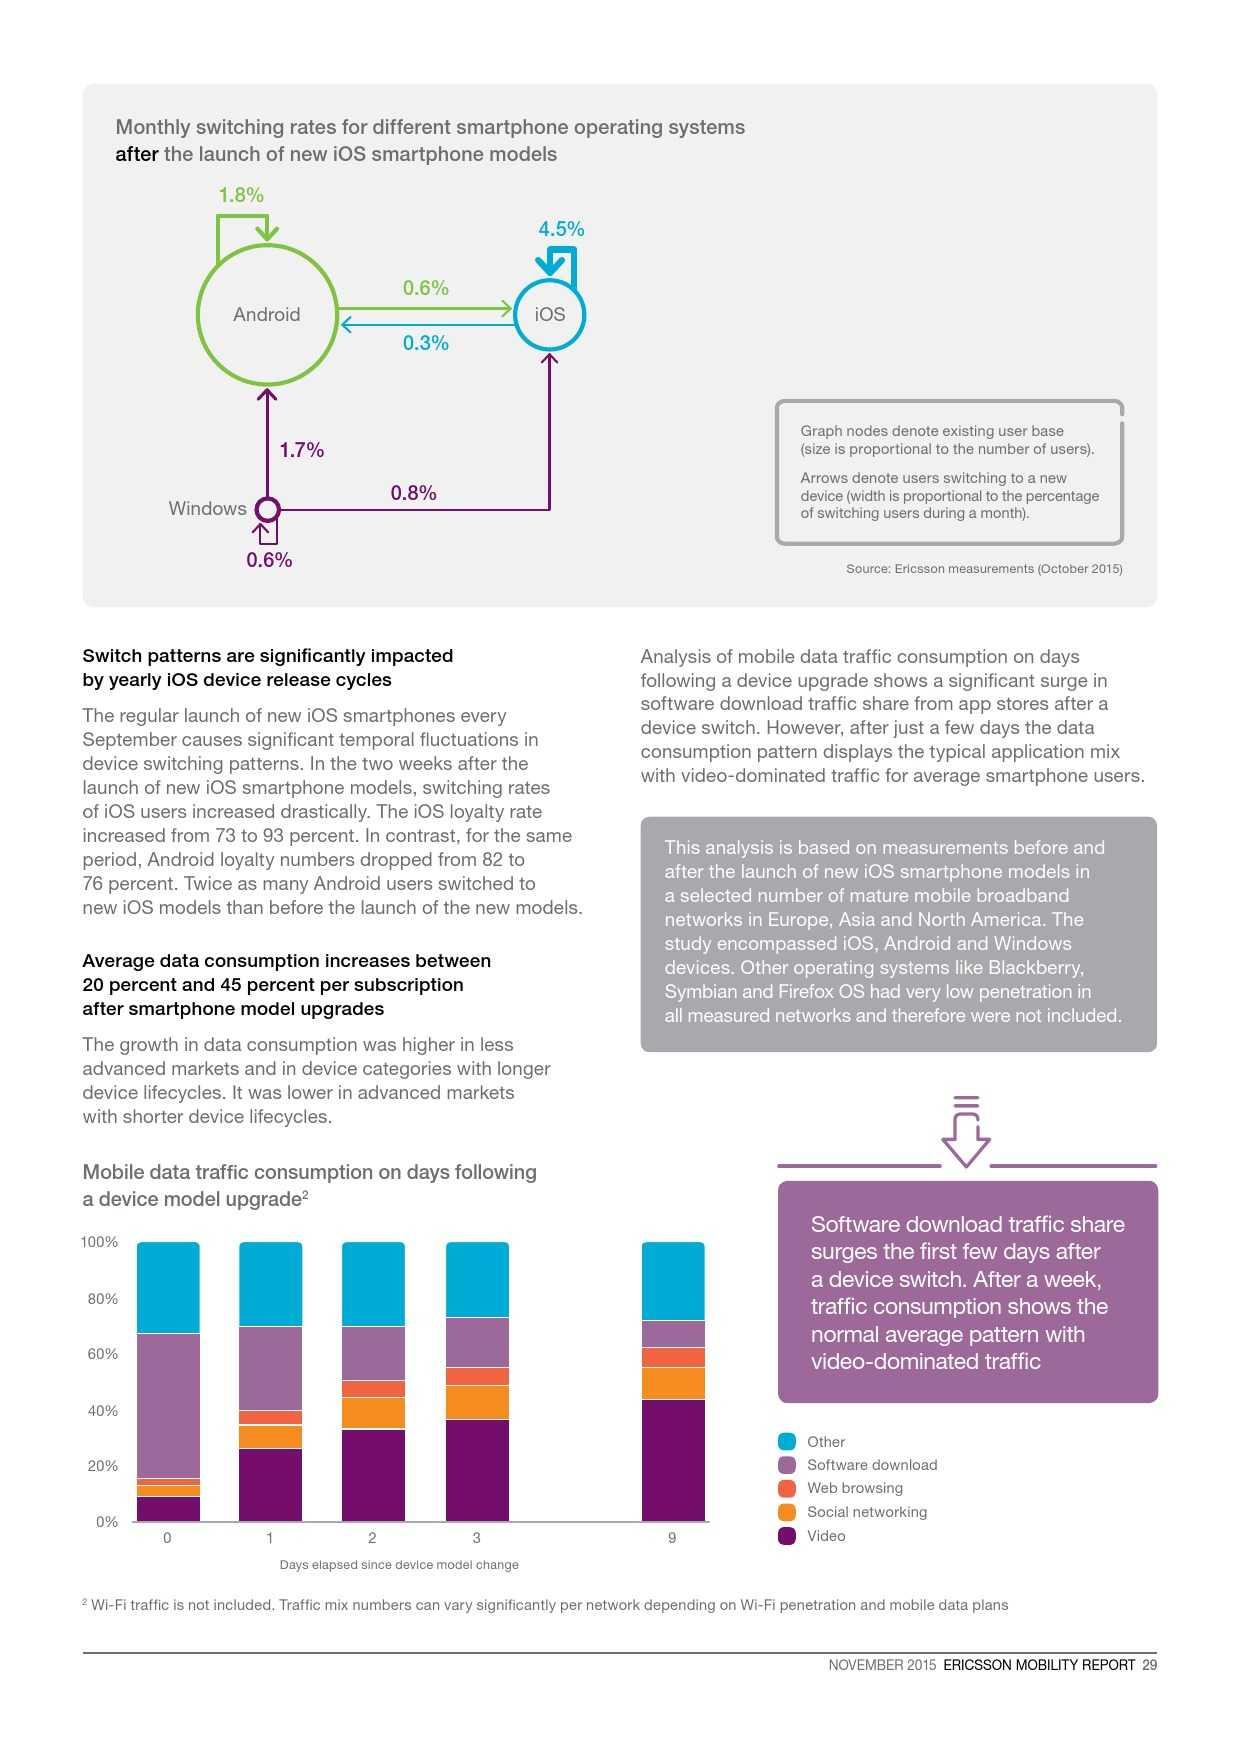 爱立信:2015年移动市场报告_000029